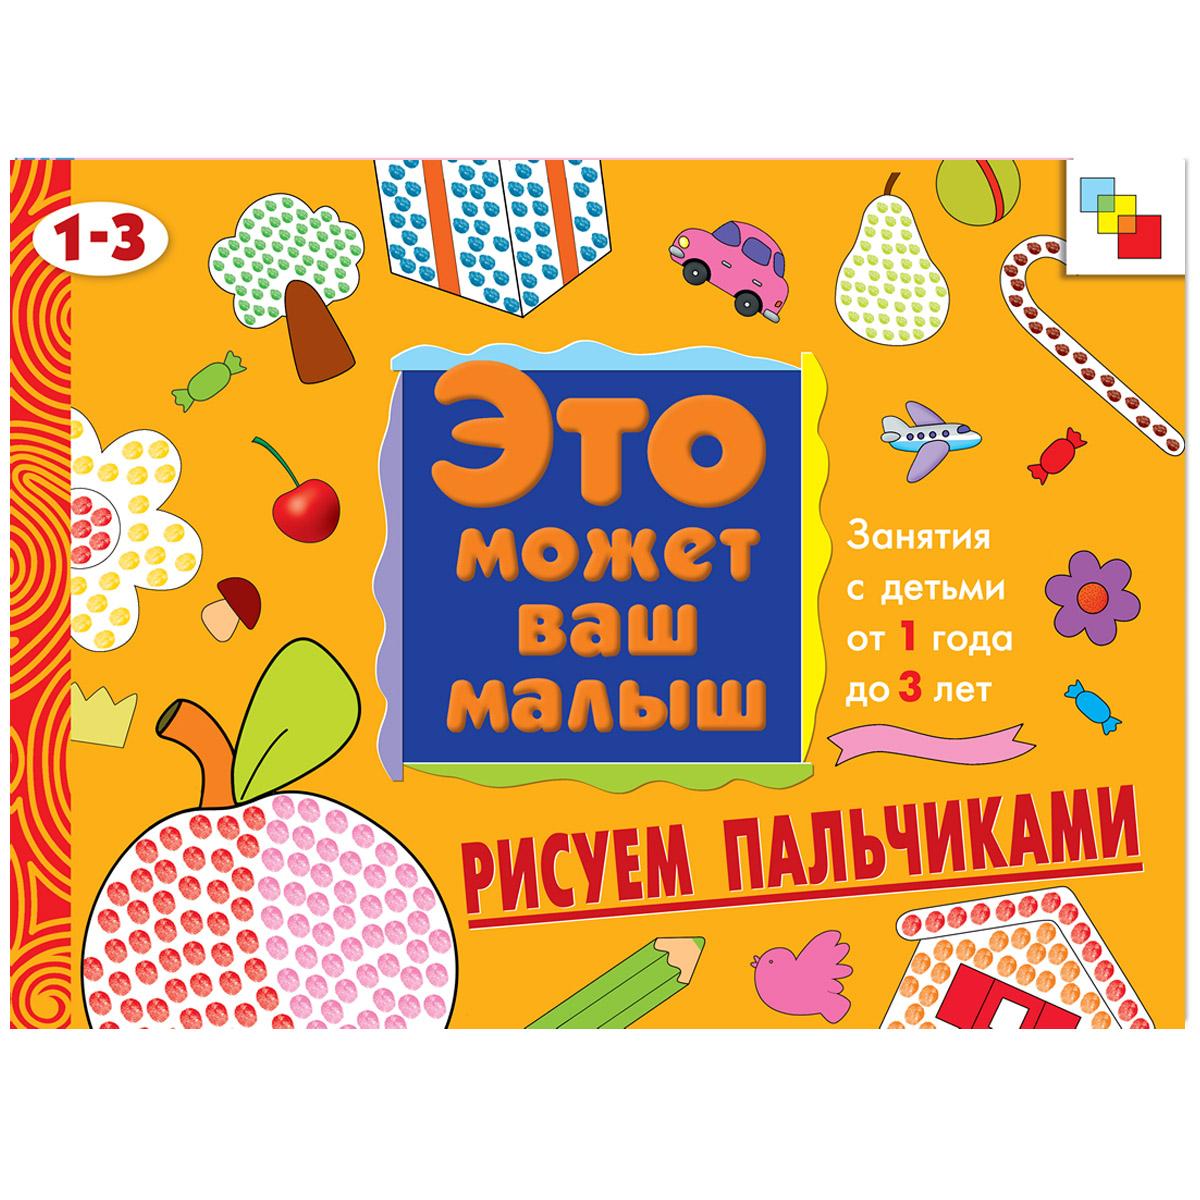 Художественный альбом для занятий с детьми 1-3 лет. Это может ваш малыш Рисуем пальчиками<br>